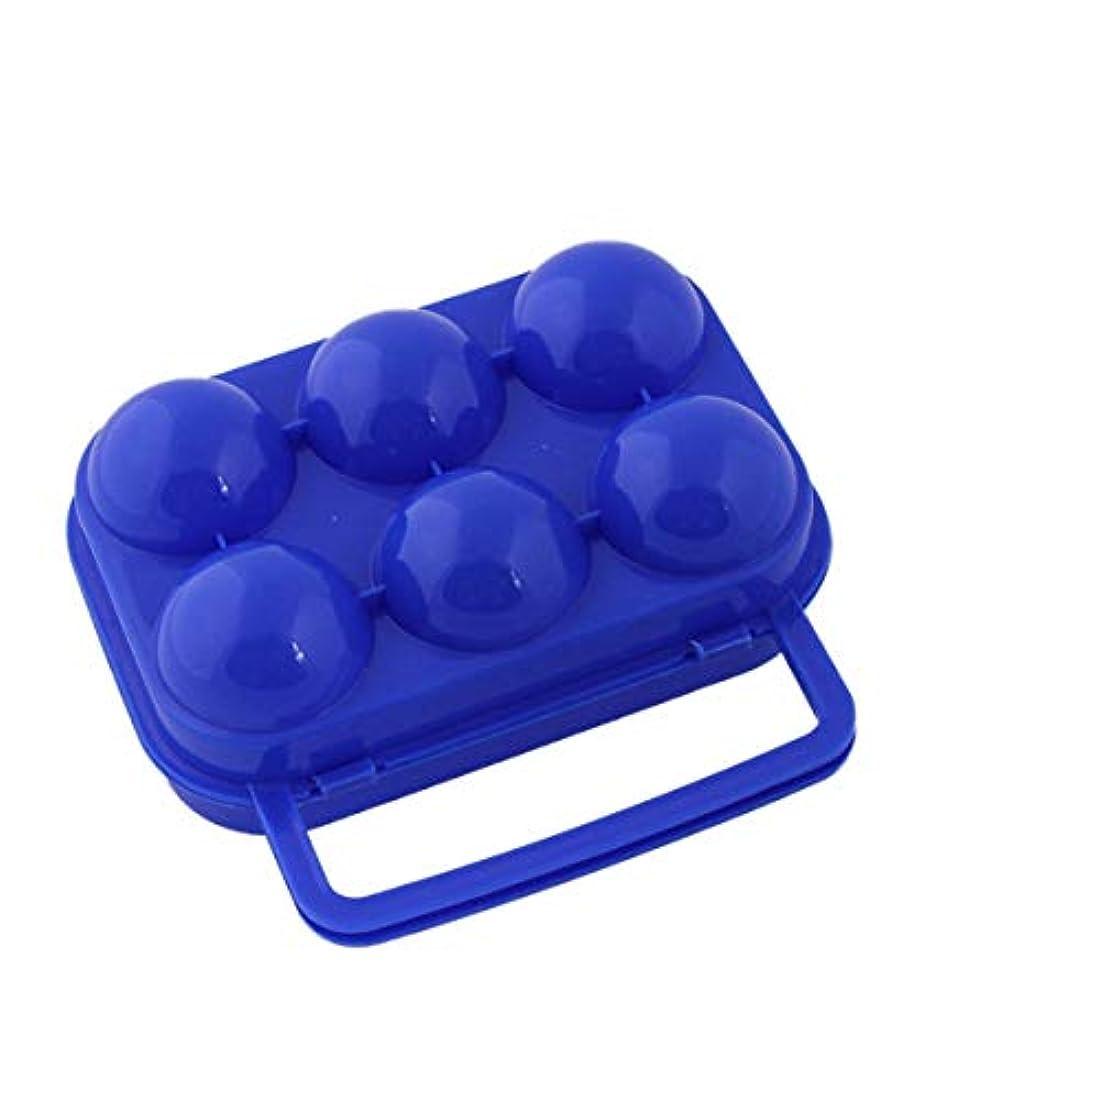 素朴な痛み後6グリッドエッグホルダーボックスキッチン収納ボックスポータブルエッグコンテナーフレッシュエッグキャリアケースハイキングアウトドアキャンプ用-ブルー